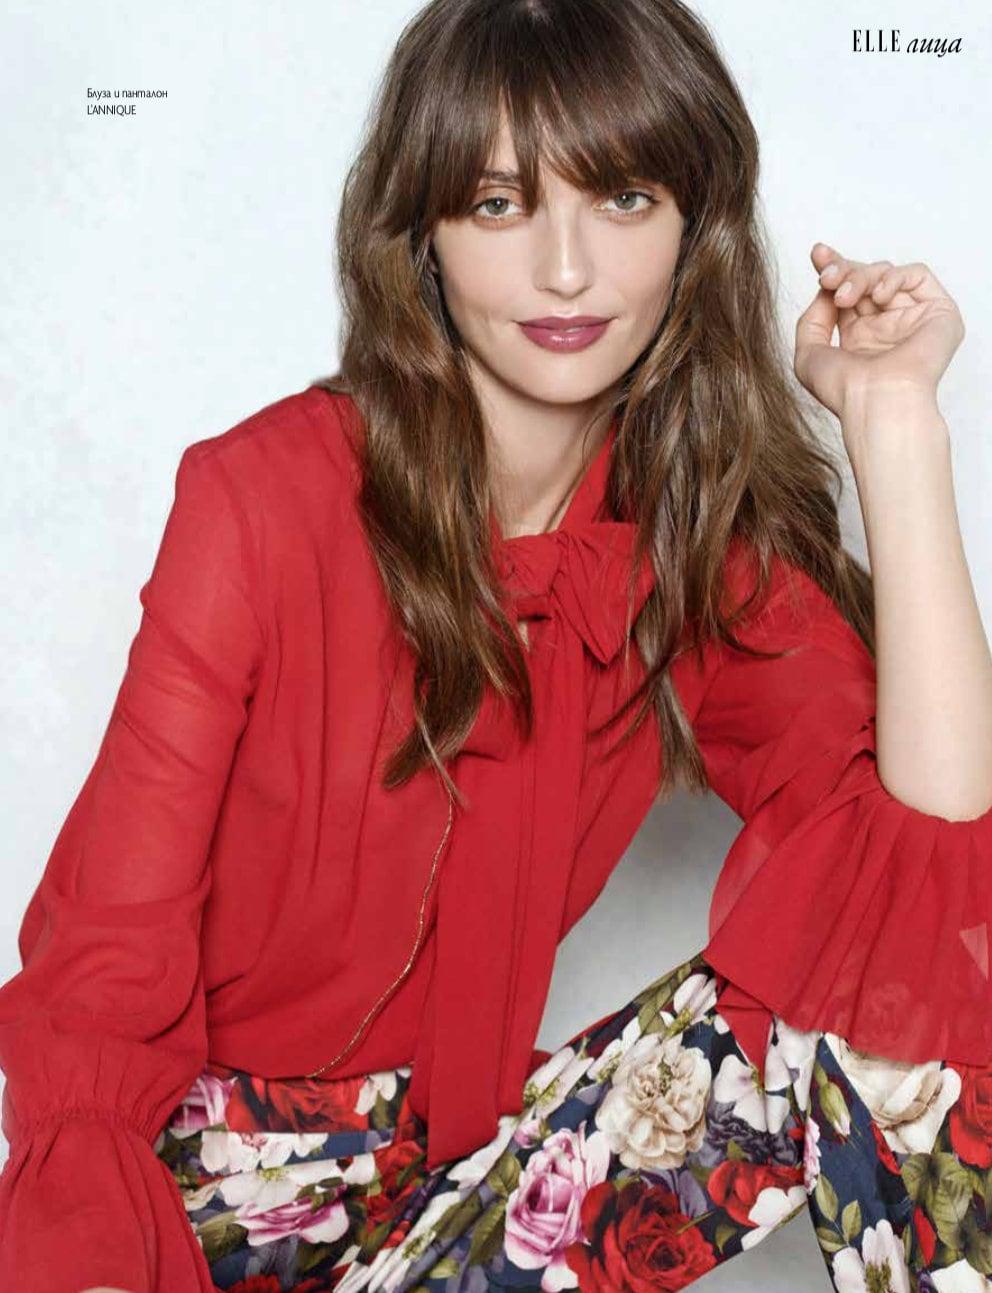 Elle Bulgaria Anne Zesiger Elika Bavar Hair Styling 3